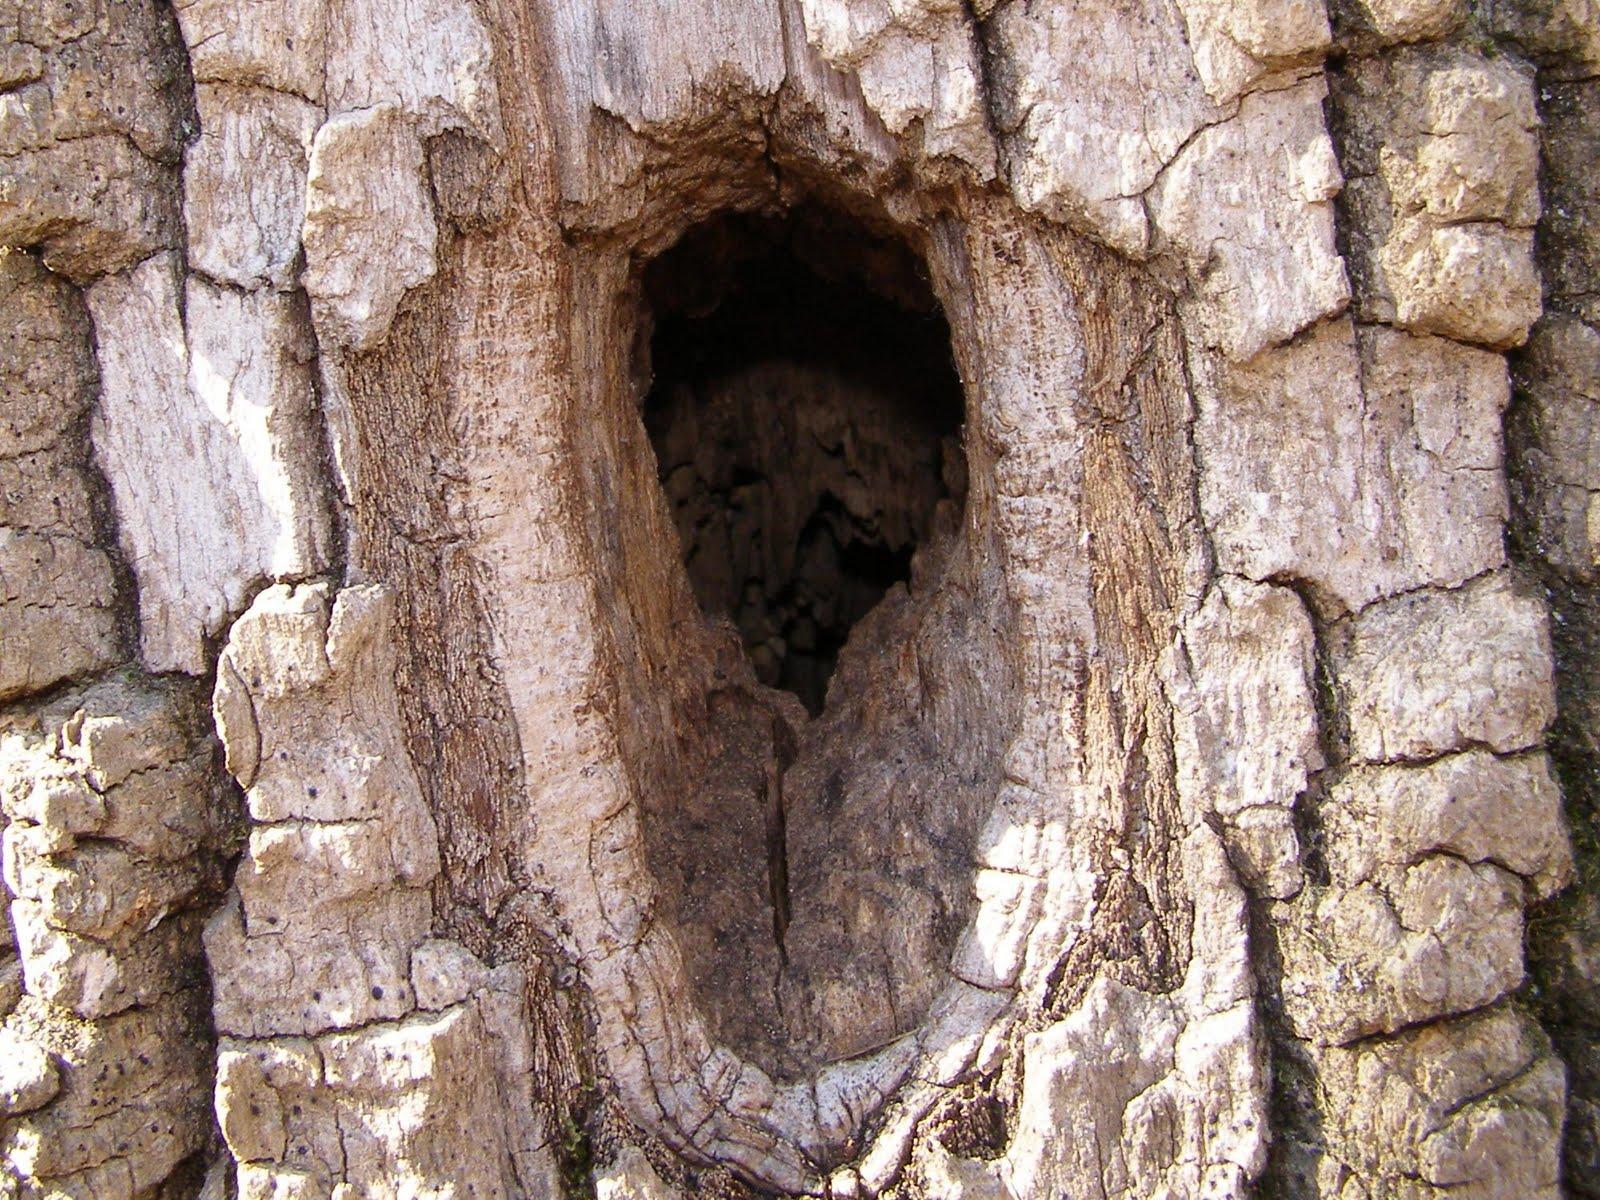 Blue Jay Barrens: Woodpecker Holes